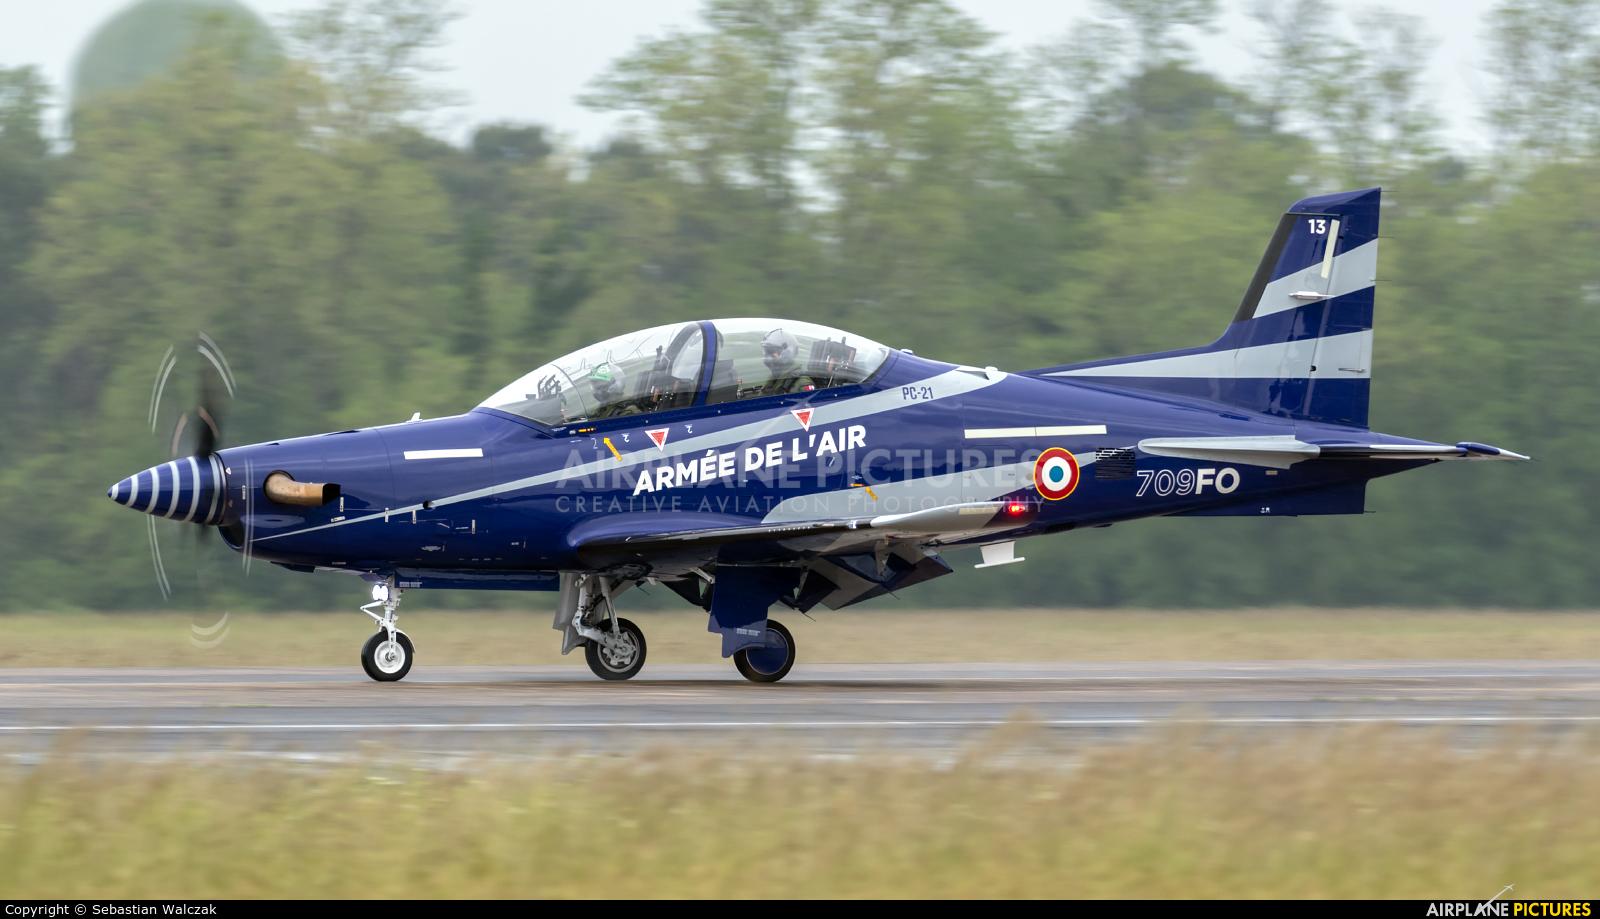 France - Air Force 13 aircraft at Mont de Marsan